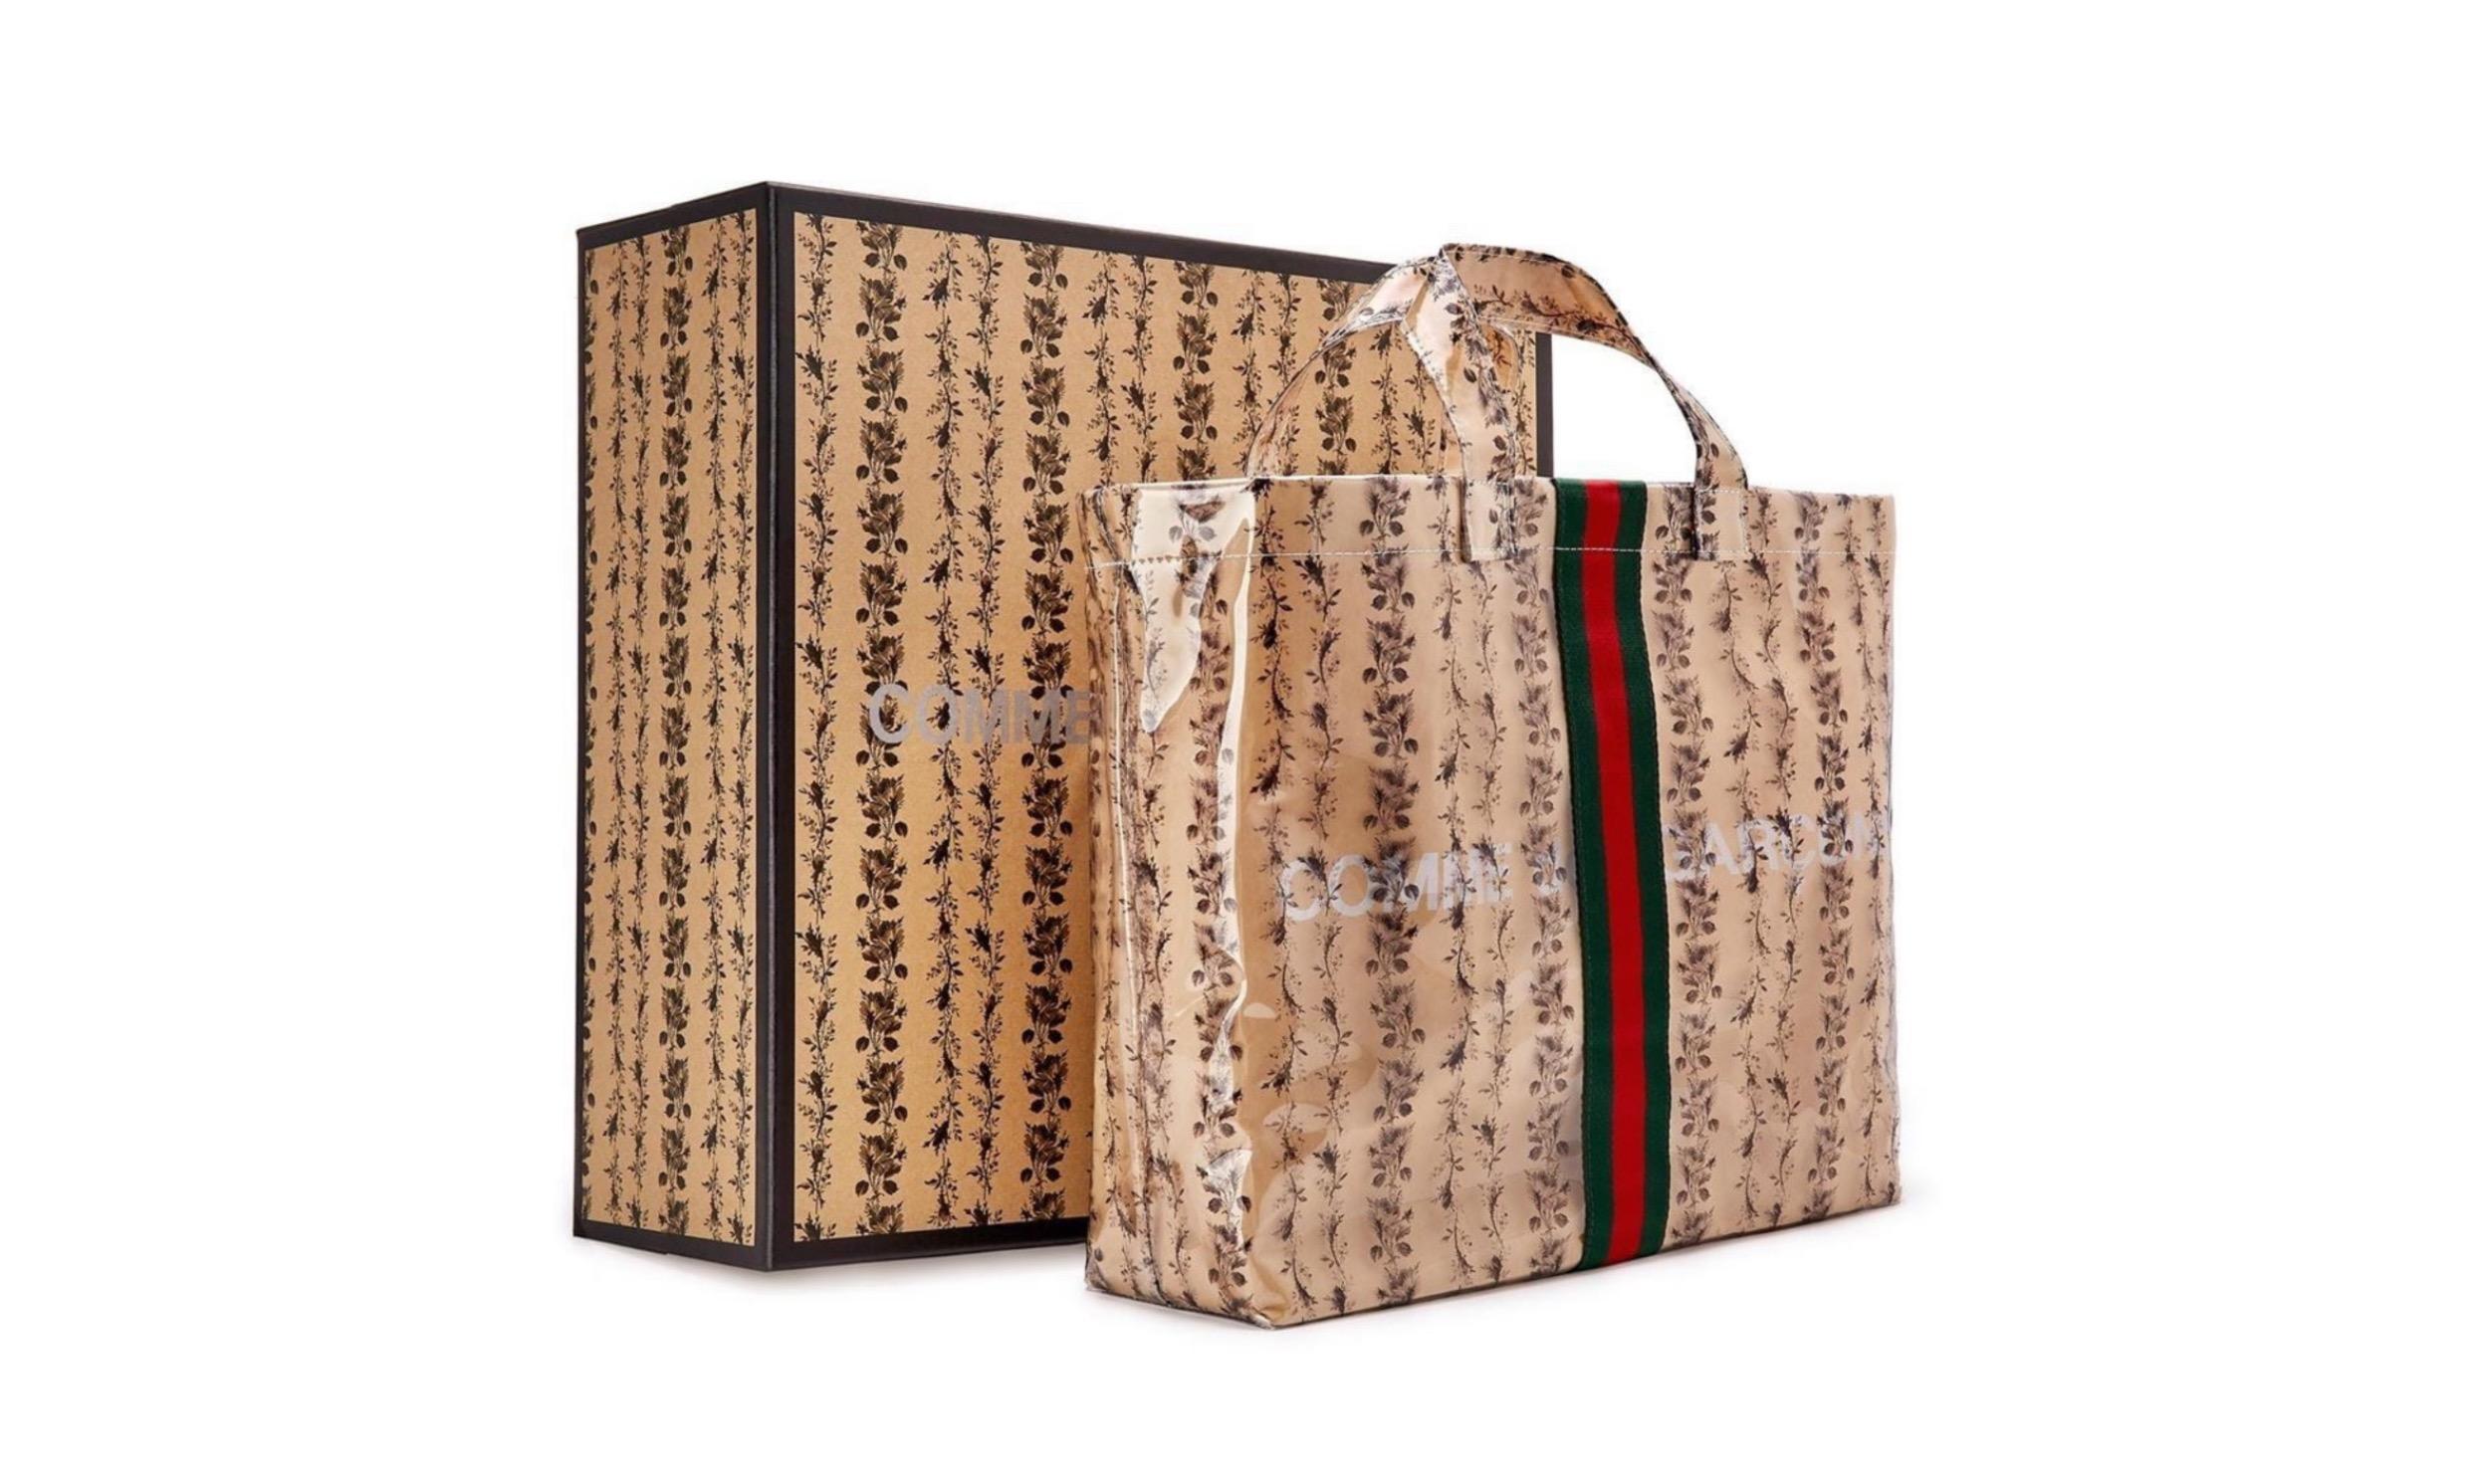 Comme des Garçons x Gucci 推出全新 PVC 材质包款